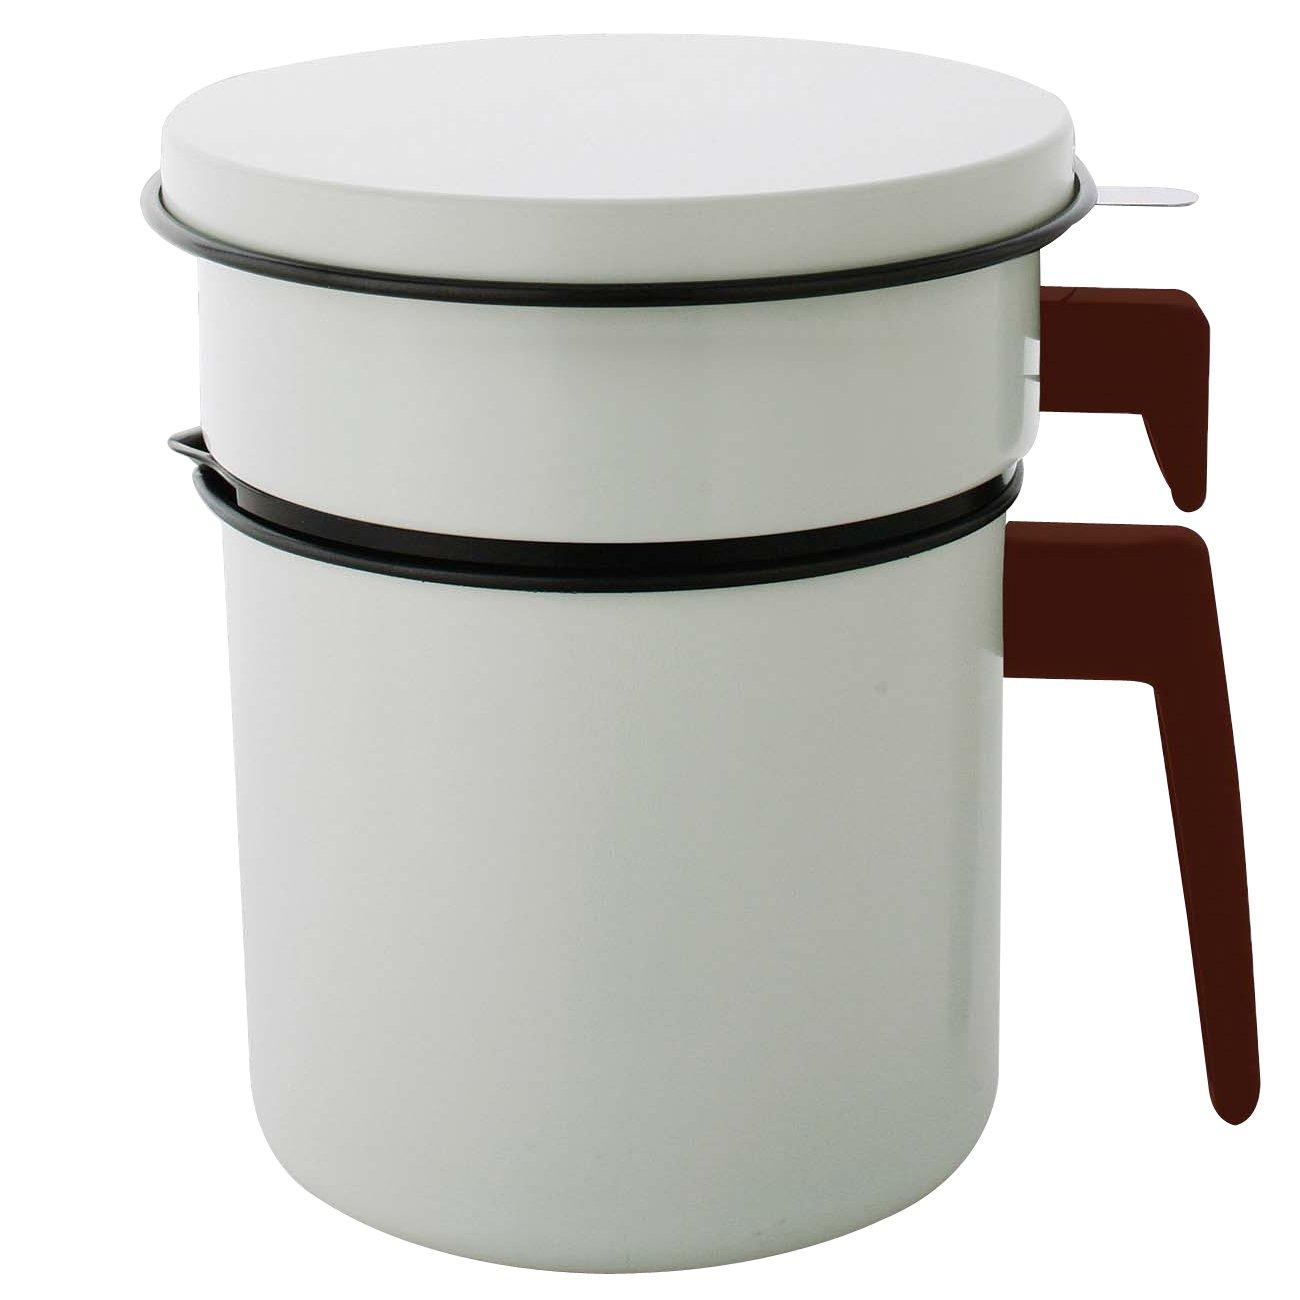 アイリスオーヤマ 活性炭オイルポット 900ml H-OP900 白